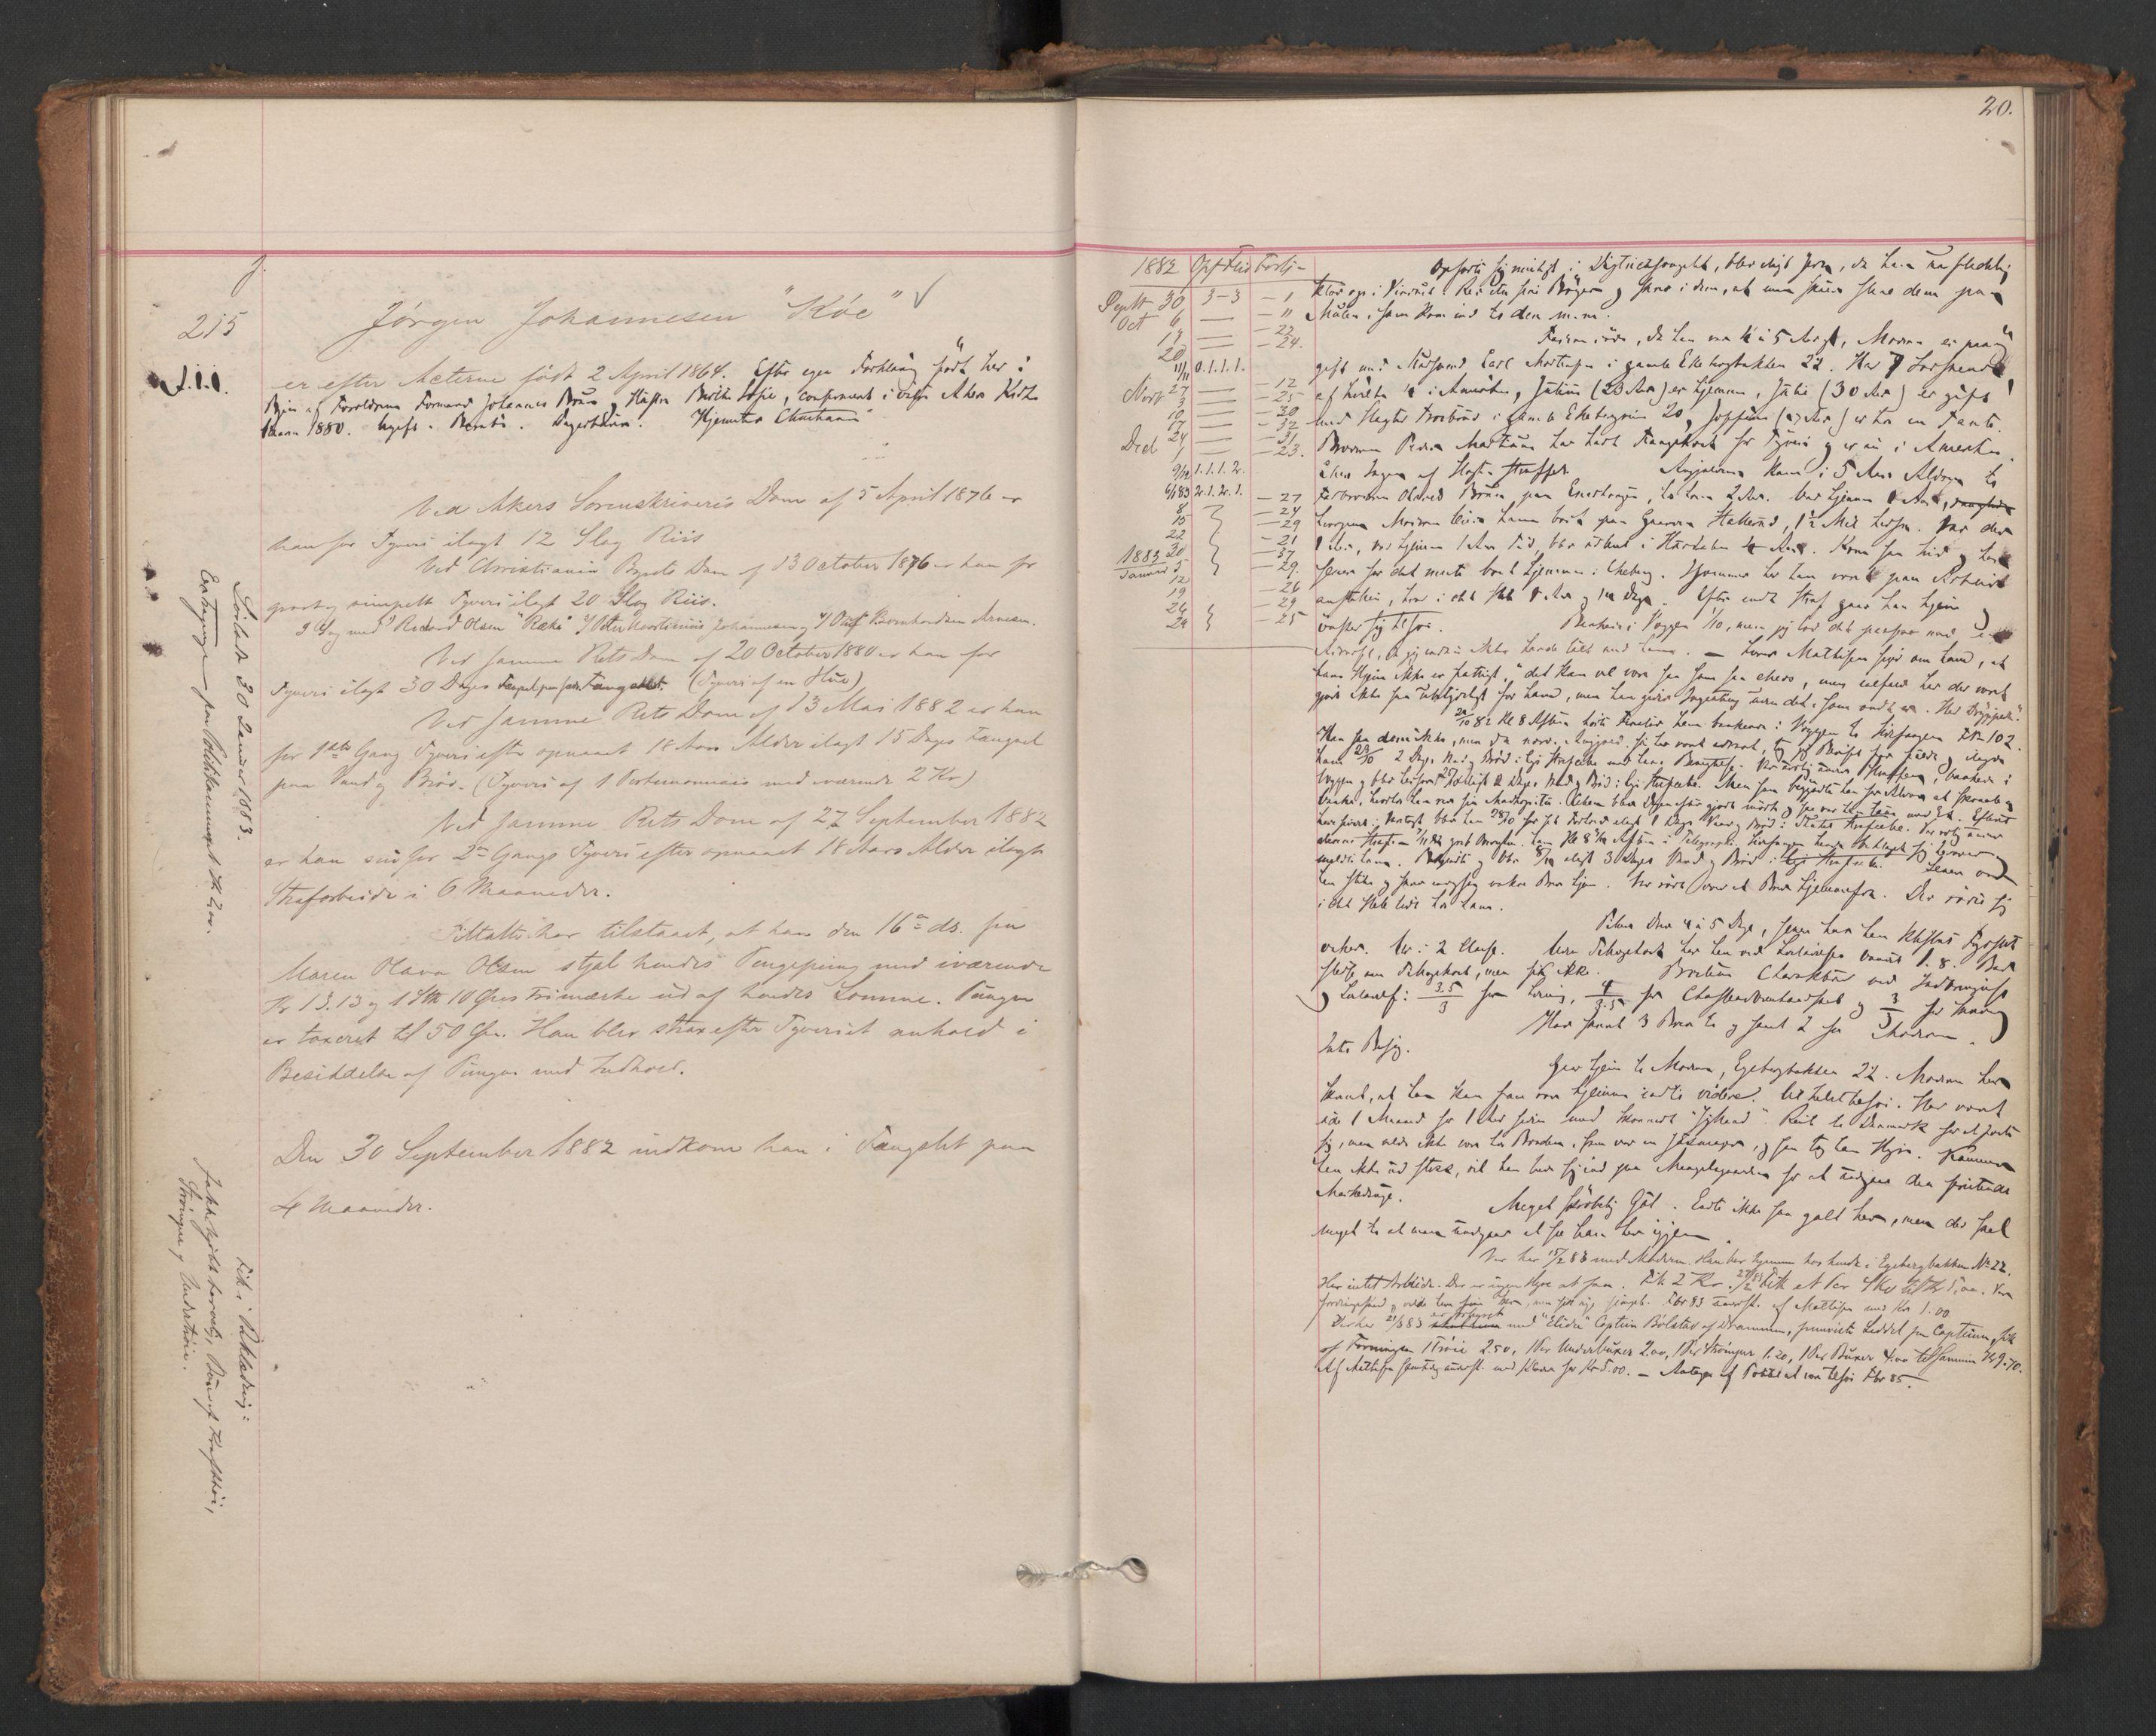 RA, Botsfengslet, D/Db/Dbb/L0021: 196g - 484g, 1882-1884, s. 20